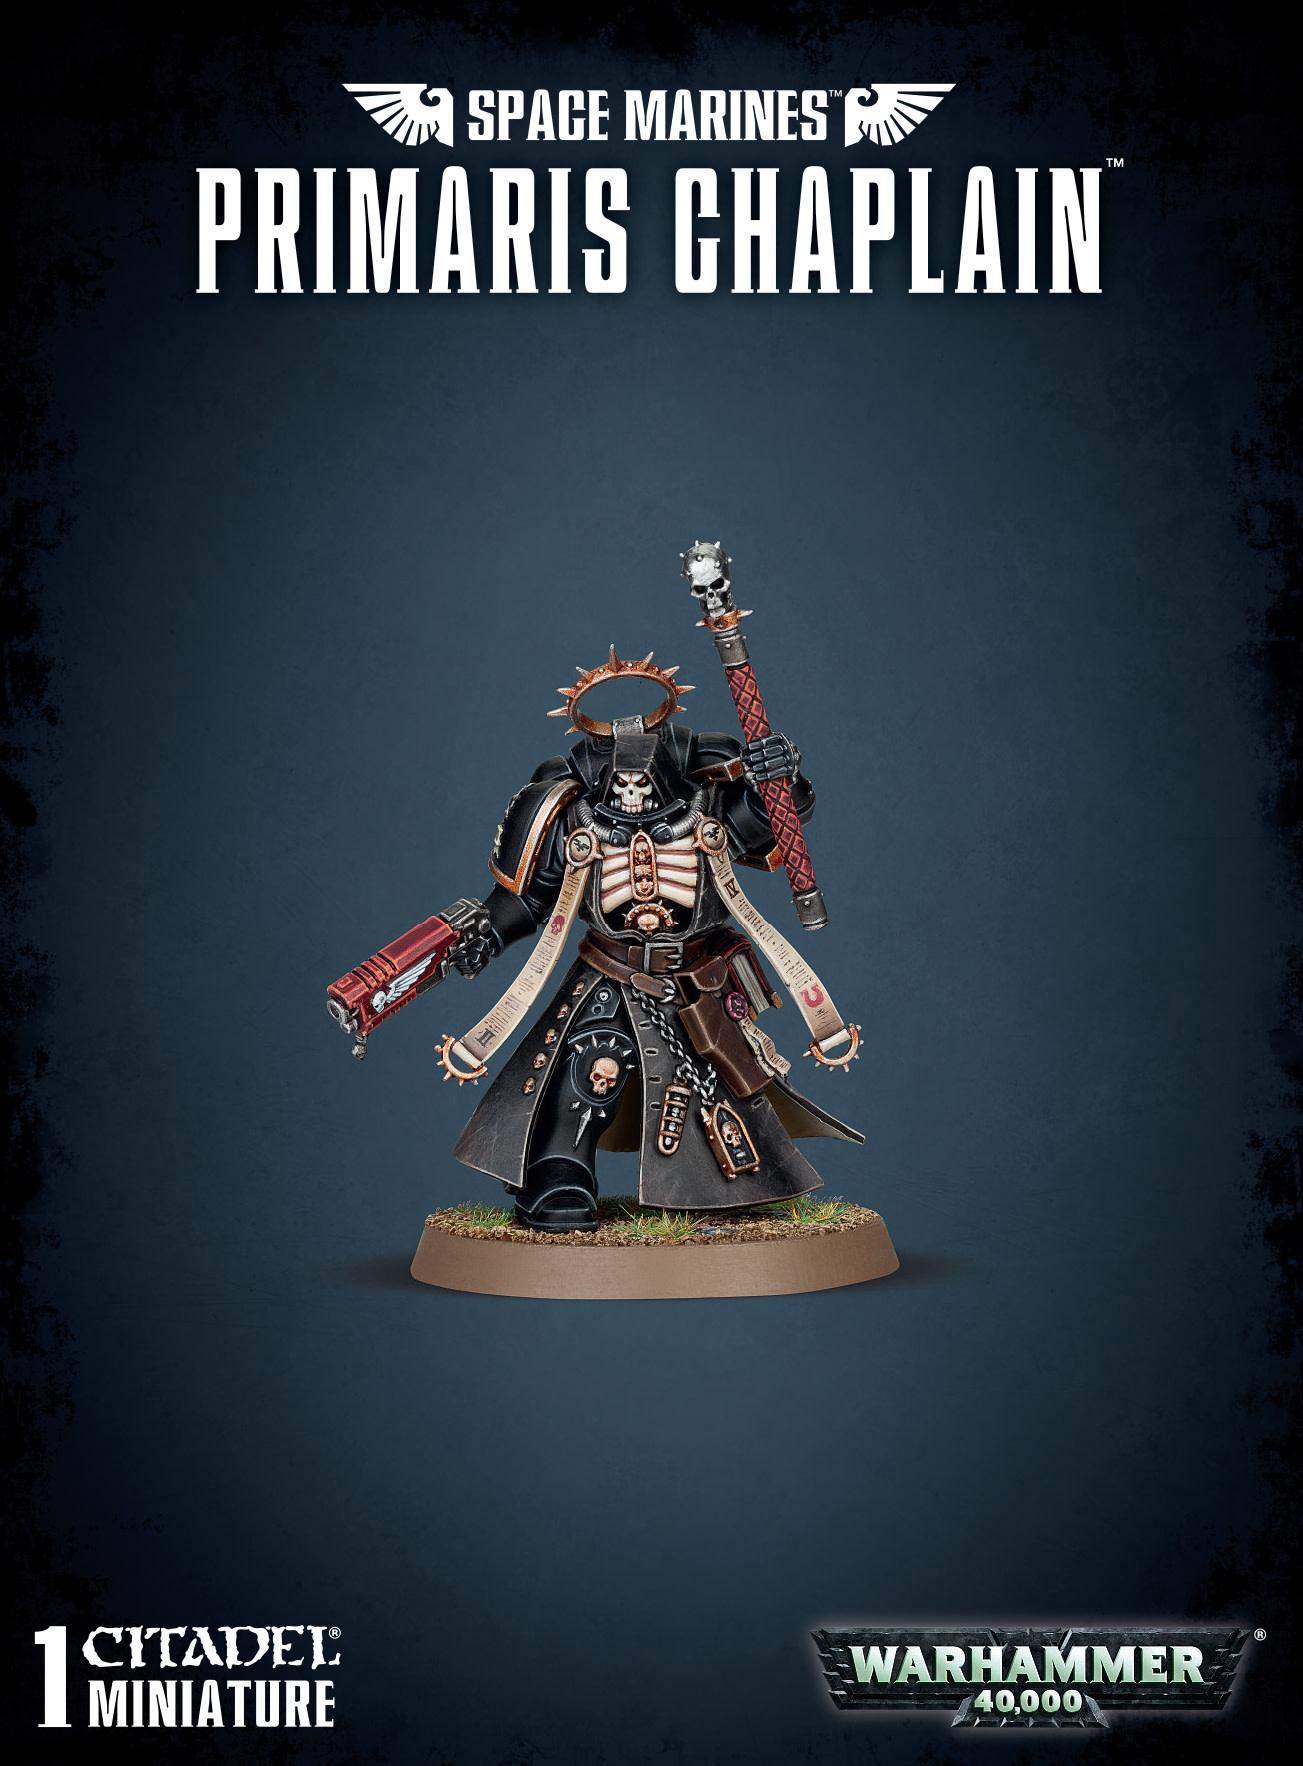 Space Marines Primaris Chaplain